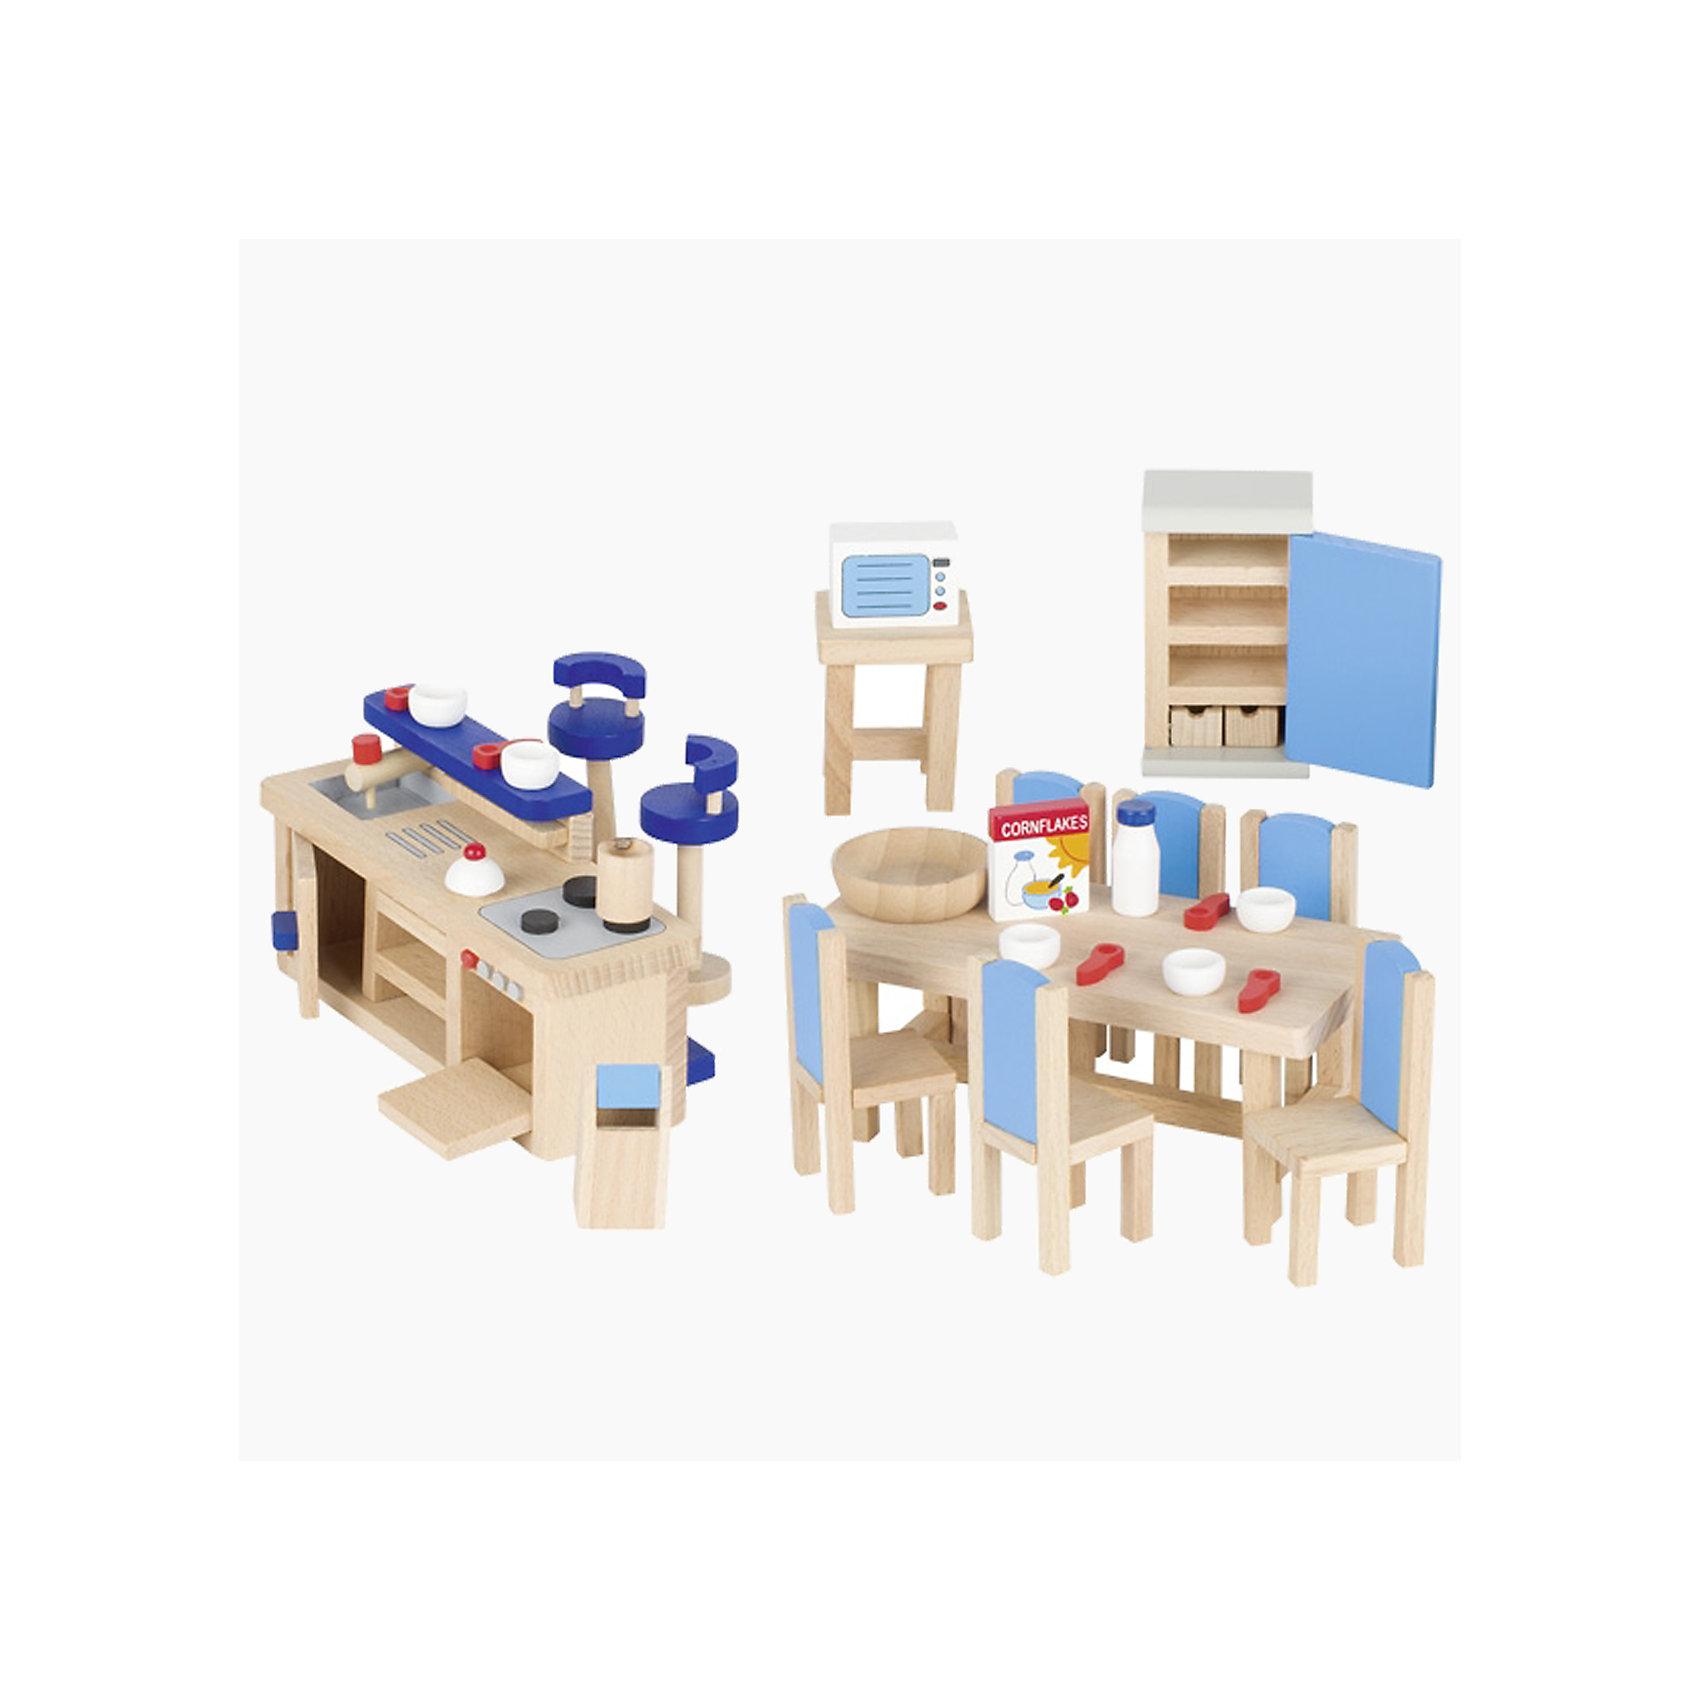 Мебель для кукольной кухни modern синяя, gokiДомики и мебель<br>Характеристики товара:<br><br>- цвет: разноцветный;<br>- материал: дерево;<br>- возраст: от трех лет;<br>- комплектация: 30 предметов.<br><br>Этот симпатичный набор из множества предметов, необходимых на кукольной кухне, приводит детей в восторг! Какая девочка сможет отказаться поиграть с куклами, которые имеют кухню, так похожую на настоящую?! В набор входят самые необходимые для этого помещения вещи. Игрушки очень качественно выполнены, поэтому набор станет замечательным подарком ребенку. <br>Продается набор в красивой удобной упаковке. Игры с куклами помогают девочкам развить важные навыки и отработать модели социального взаимодействия. Изделие произведено из высококачественного материала, безопасного для детей.<br><br>Мебель для кукольной кухни modern синяя от бренда GOKI можно купить в нашем интернет-магазине.<br><br>Ширина мм: 143<br>Глубина мм: 143<br>Высота мм: 143<br>Вес г: 621<br>Возраст от месяцев: 36<br>Возраст до месяцев: 144<br>Пол: Женский<br>Возраст: Детский<br>SKU: 5155318